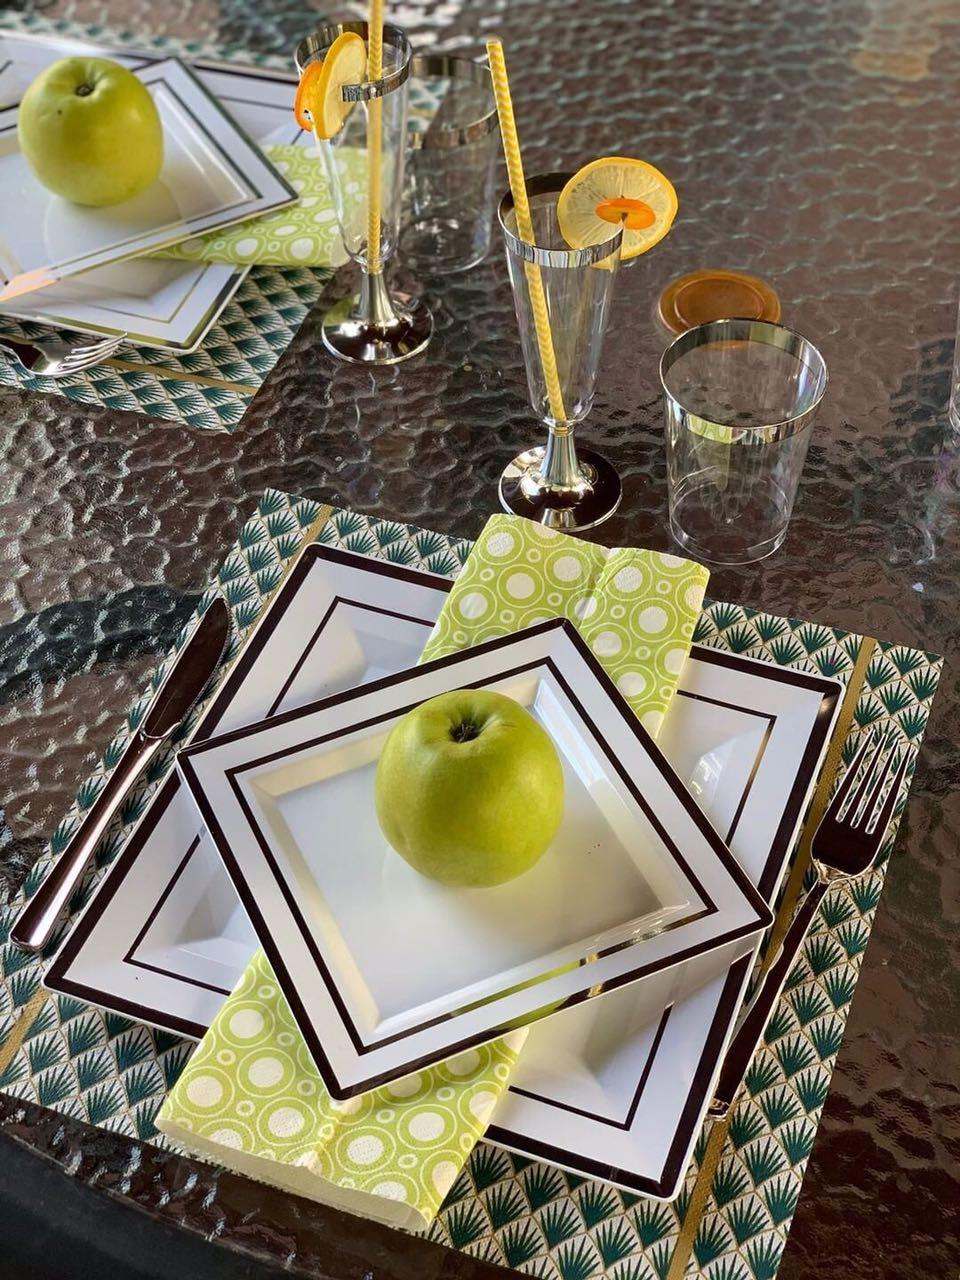 Тарелка стеклоподобная белая с серебром оптом  для ресторанов, кенди бара, кейтеринга, horeca CFP 6 шт 190 мм